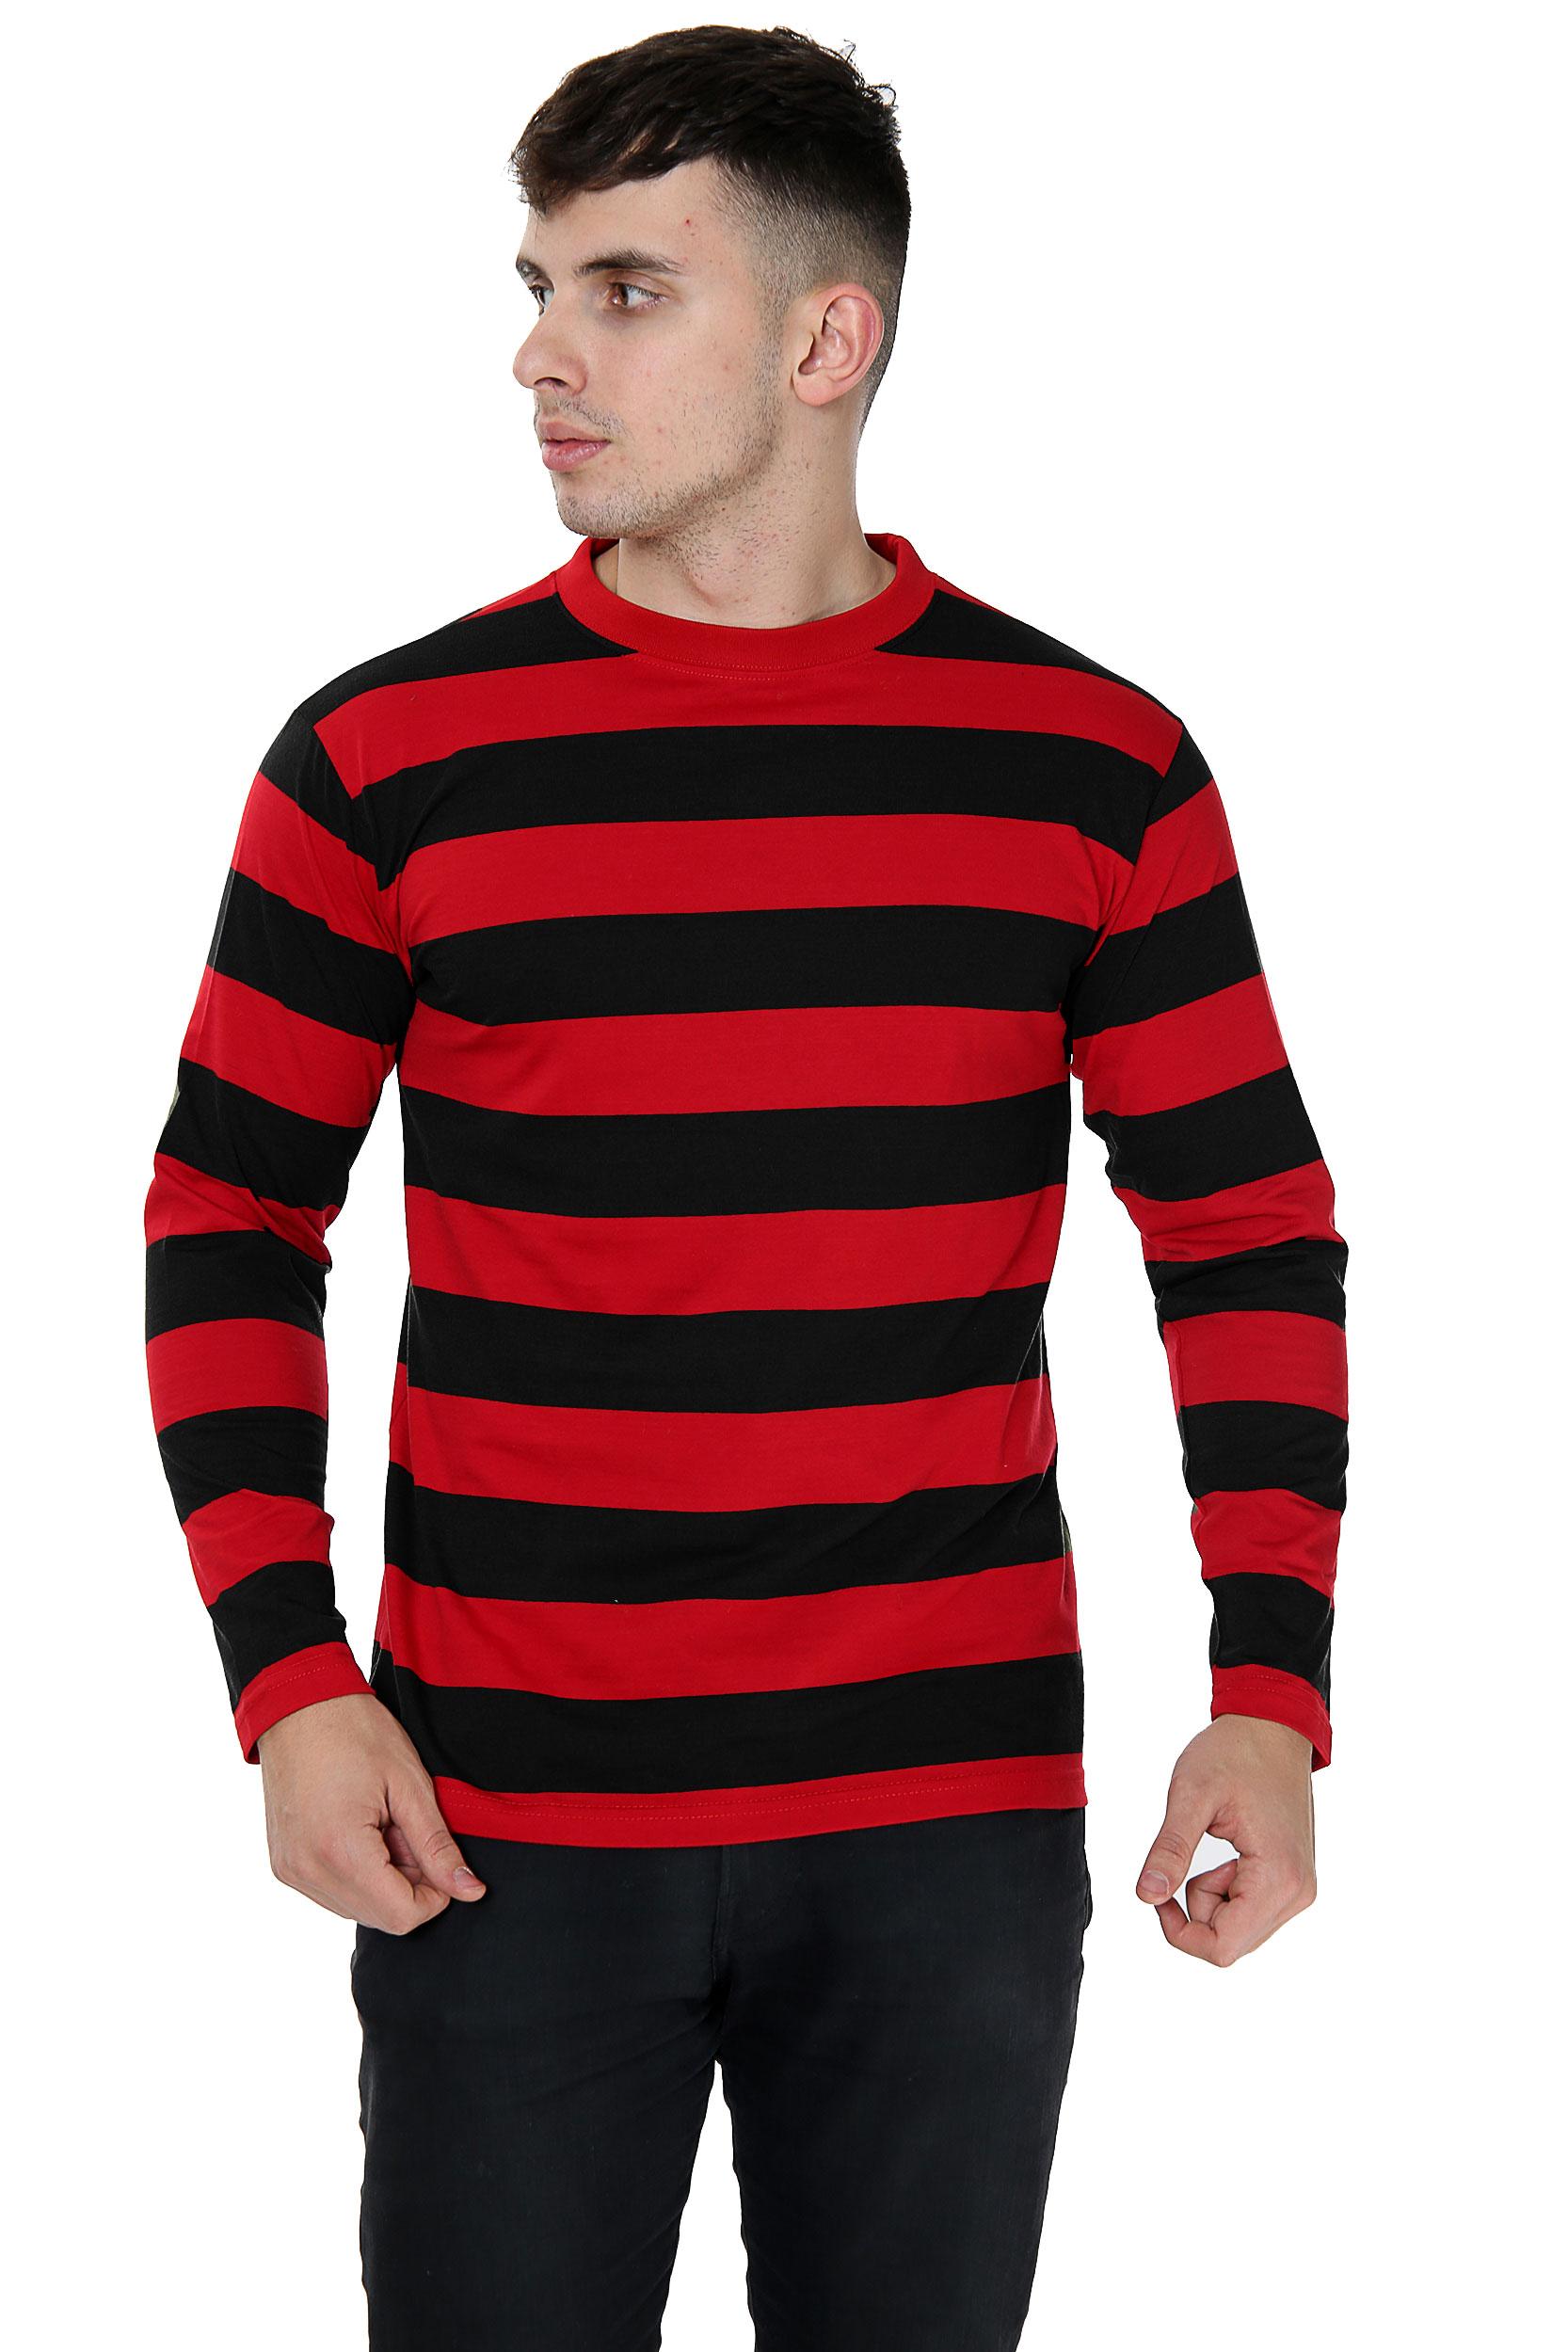 Unisex Red & Black Stripe T-Shirt Full Sleeve